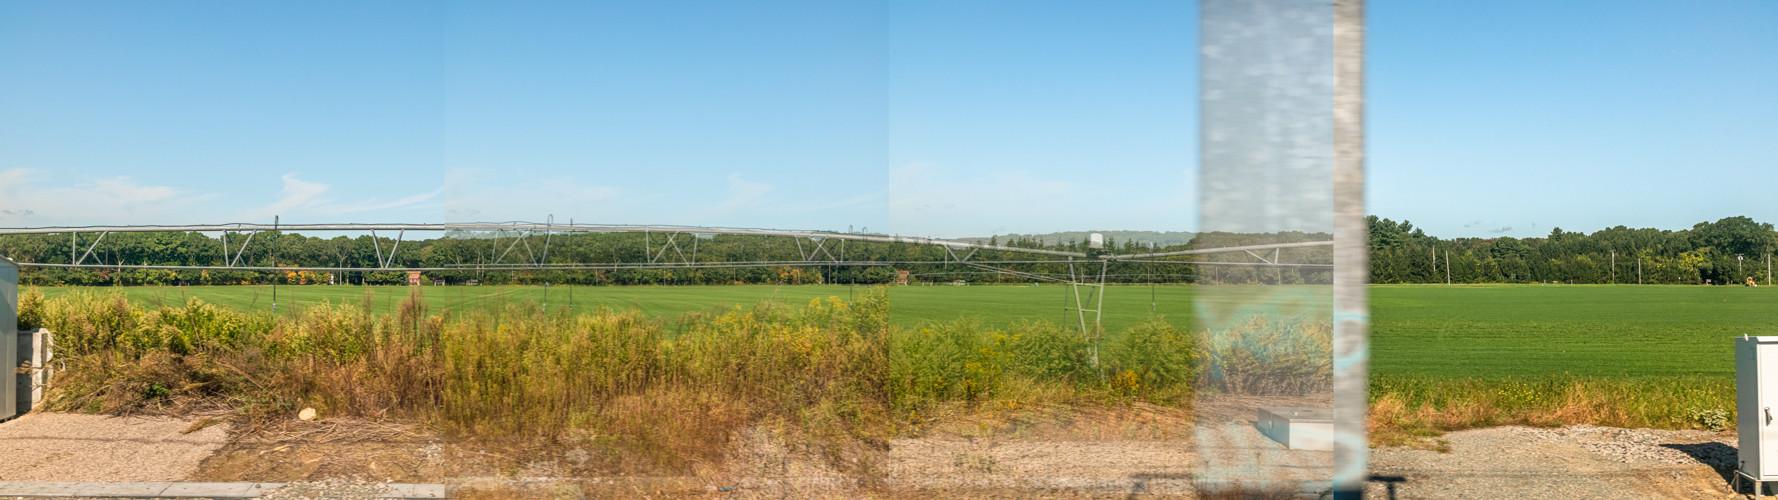 Northbound-15.jpg